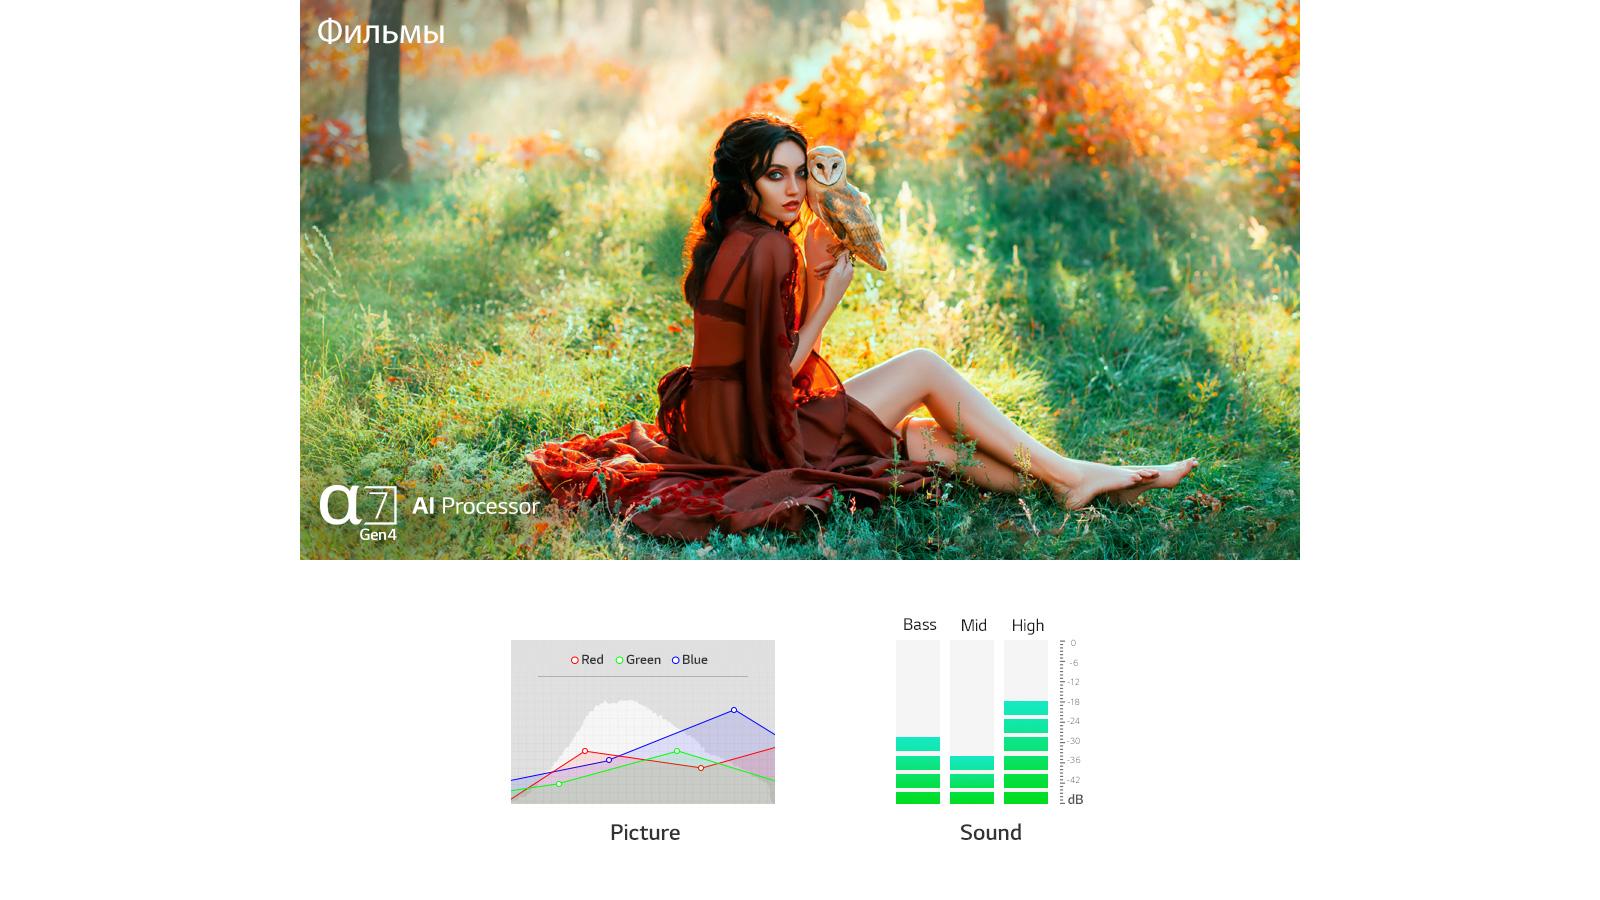 Dos escenas se optimizan automáticamente tanto en imagen como en sonido gracias al procesador inteligente a7 Gen4 (reproducir el vídeo)